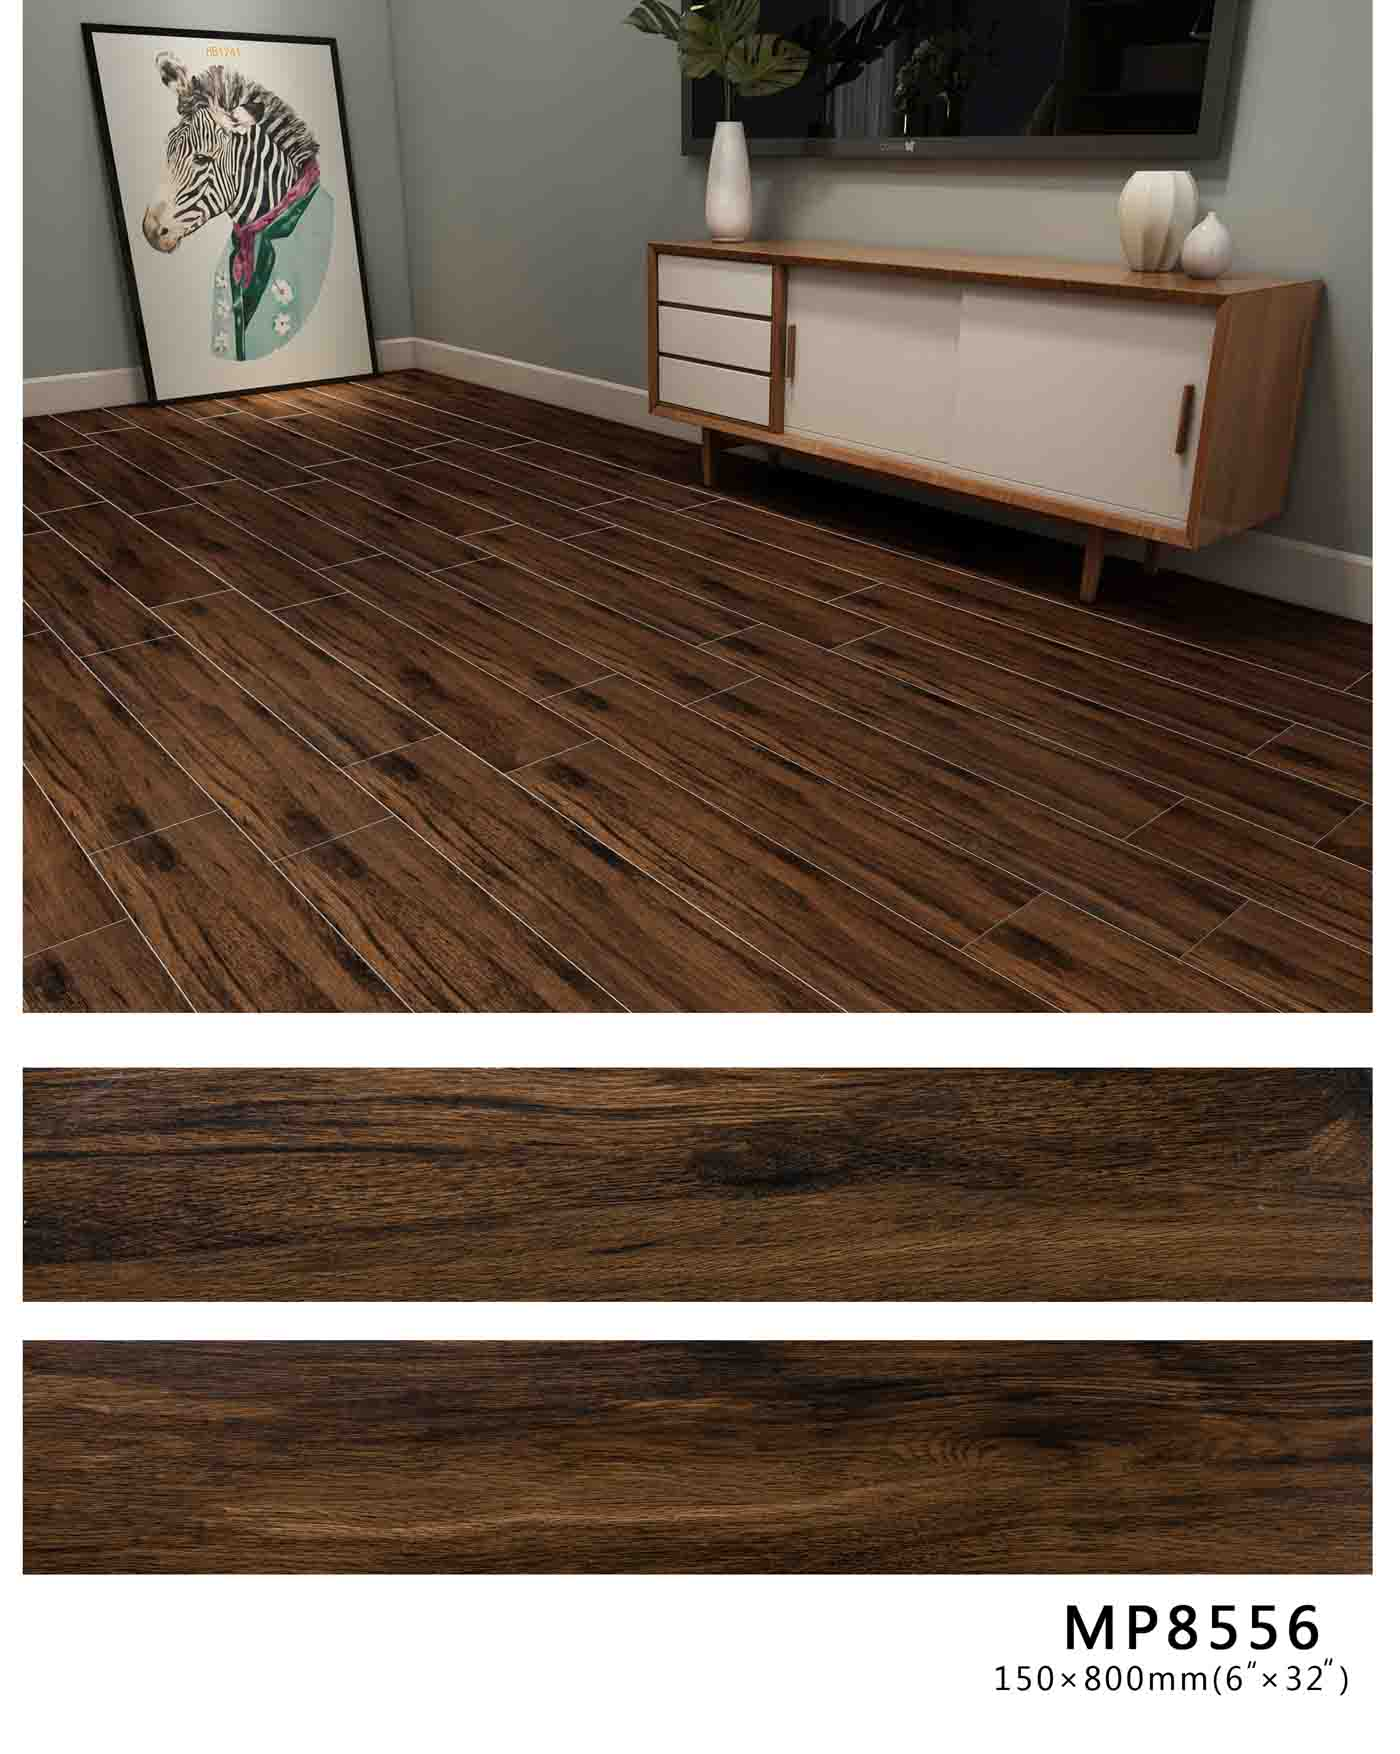 黑色仿实木木纹地板砖-玉金山木纹地砖加盟-海南木纹砖A